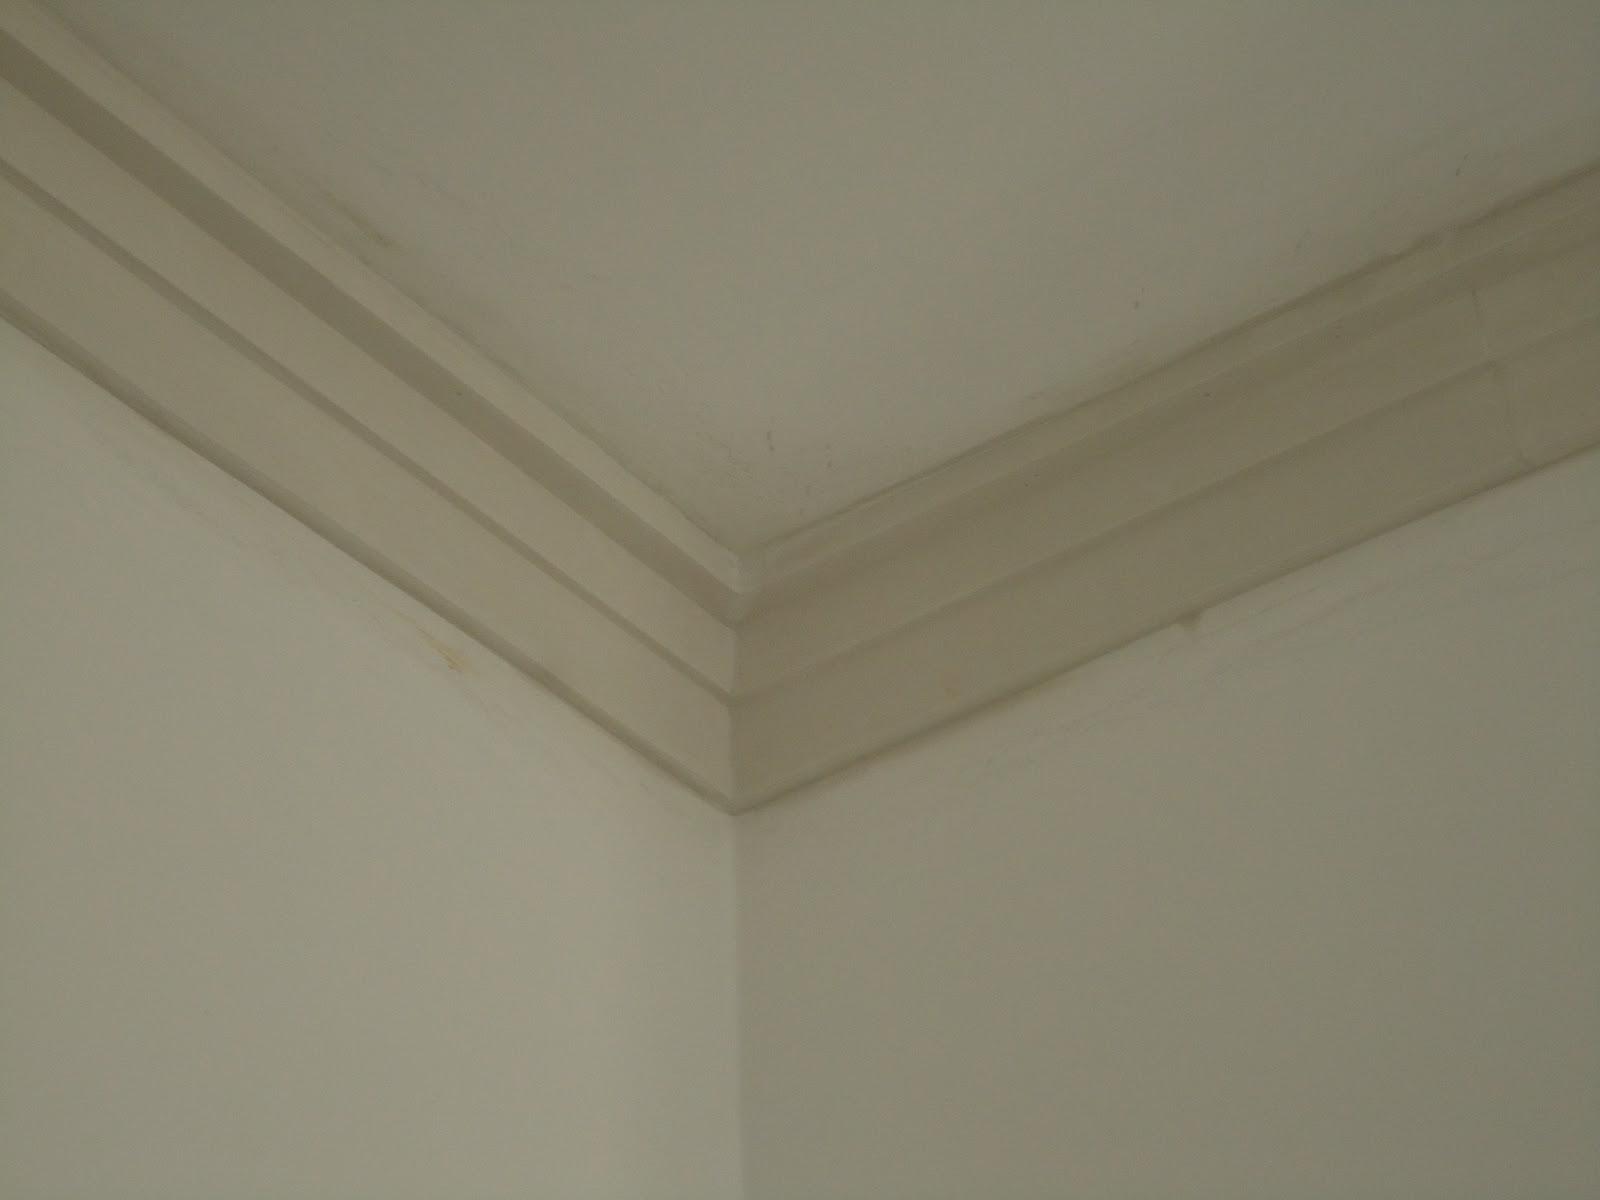 #706951 Moldura dos quartos 1600x1200 px fotos de forro de gesso para banheiro